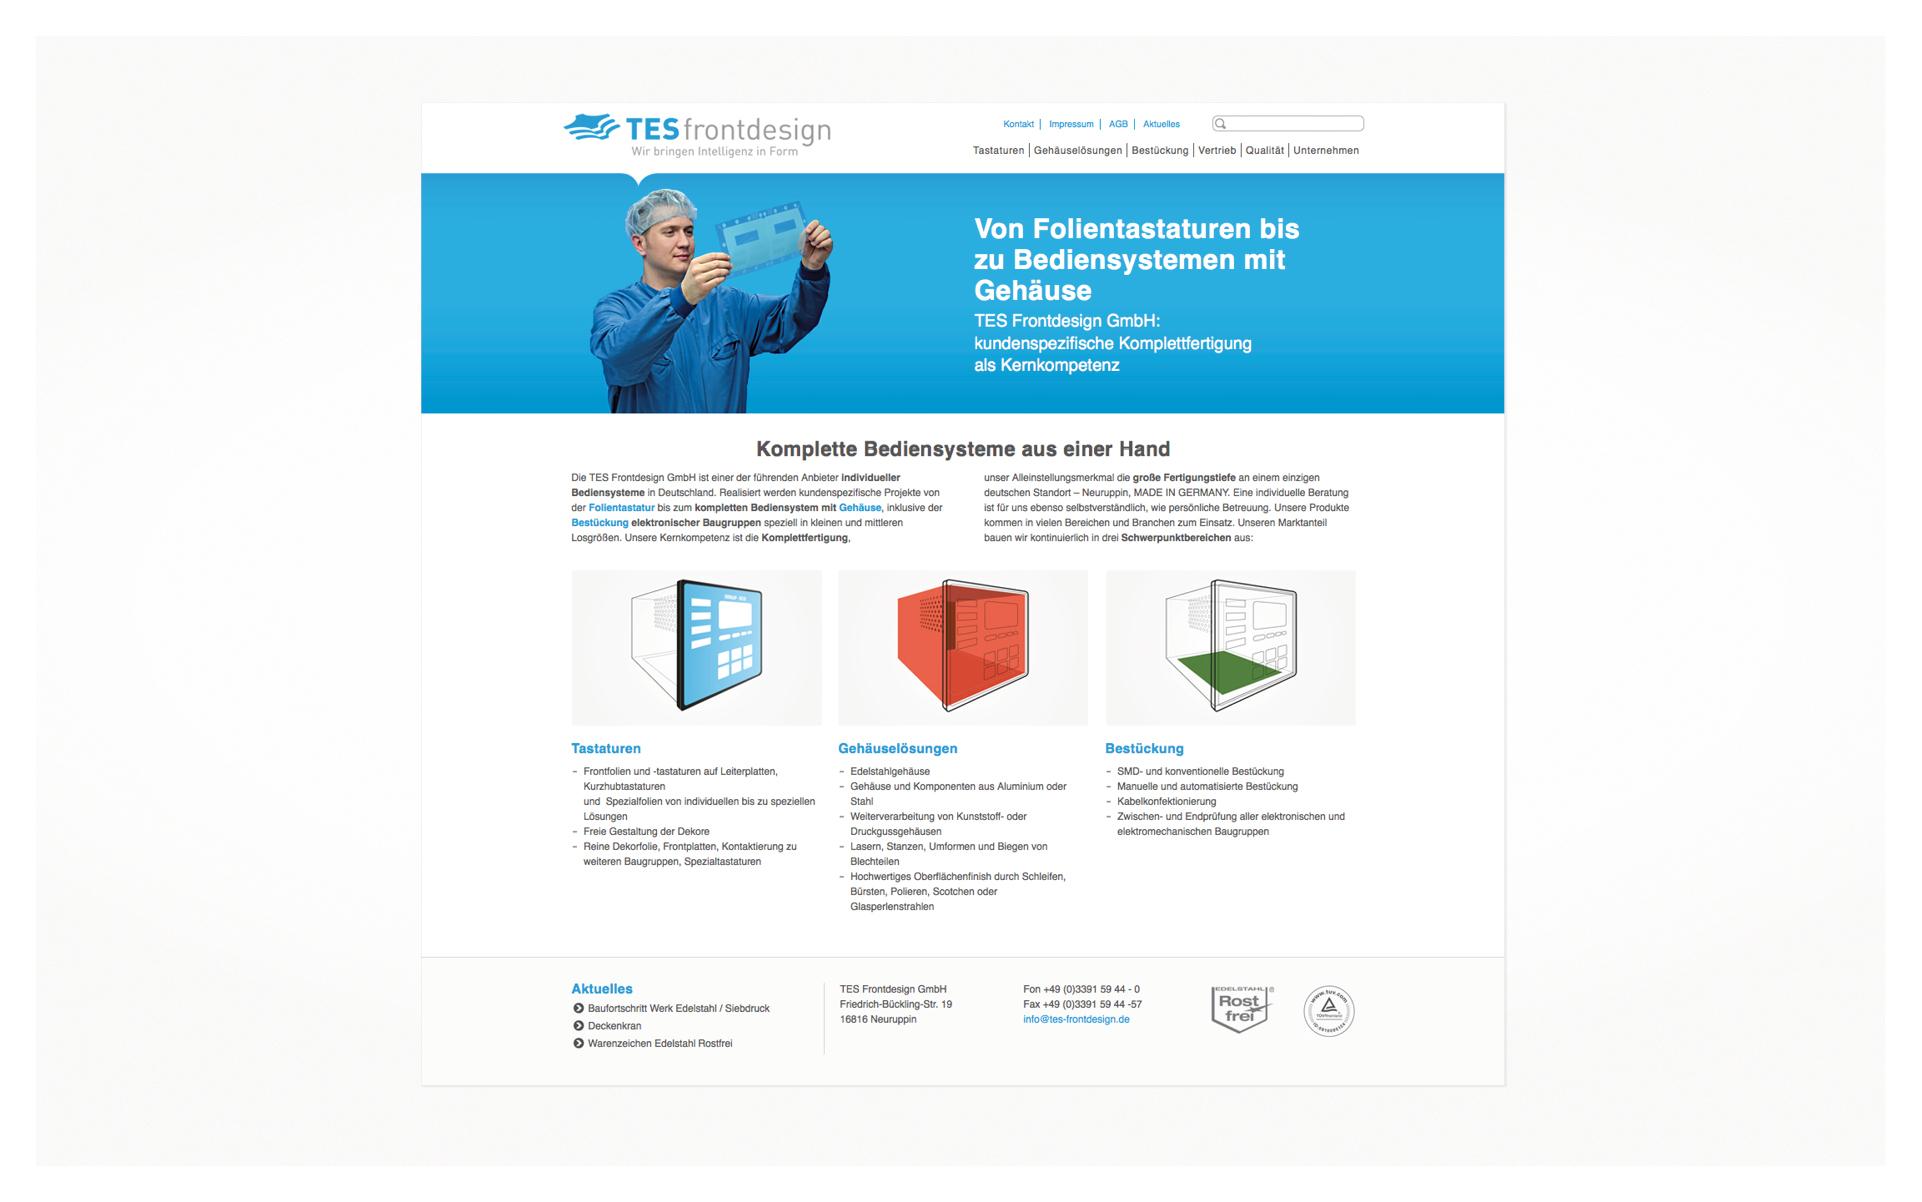 Schön Kundenspezifischen Gestaltung Saskatoon Bilder - Rahmen Ideen ...